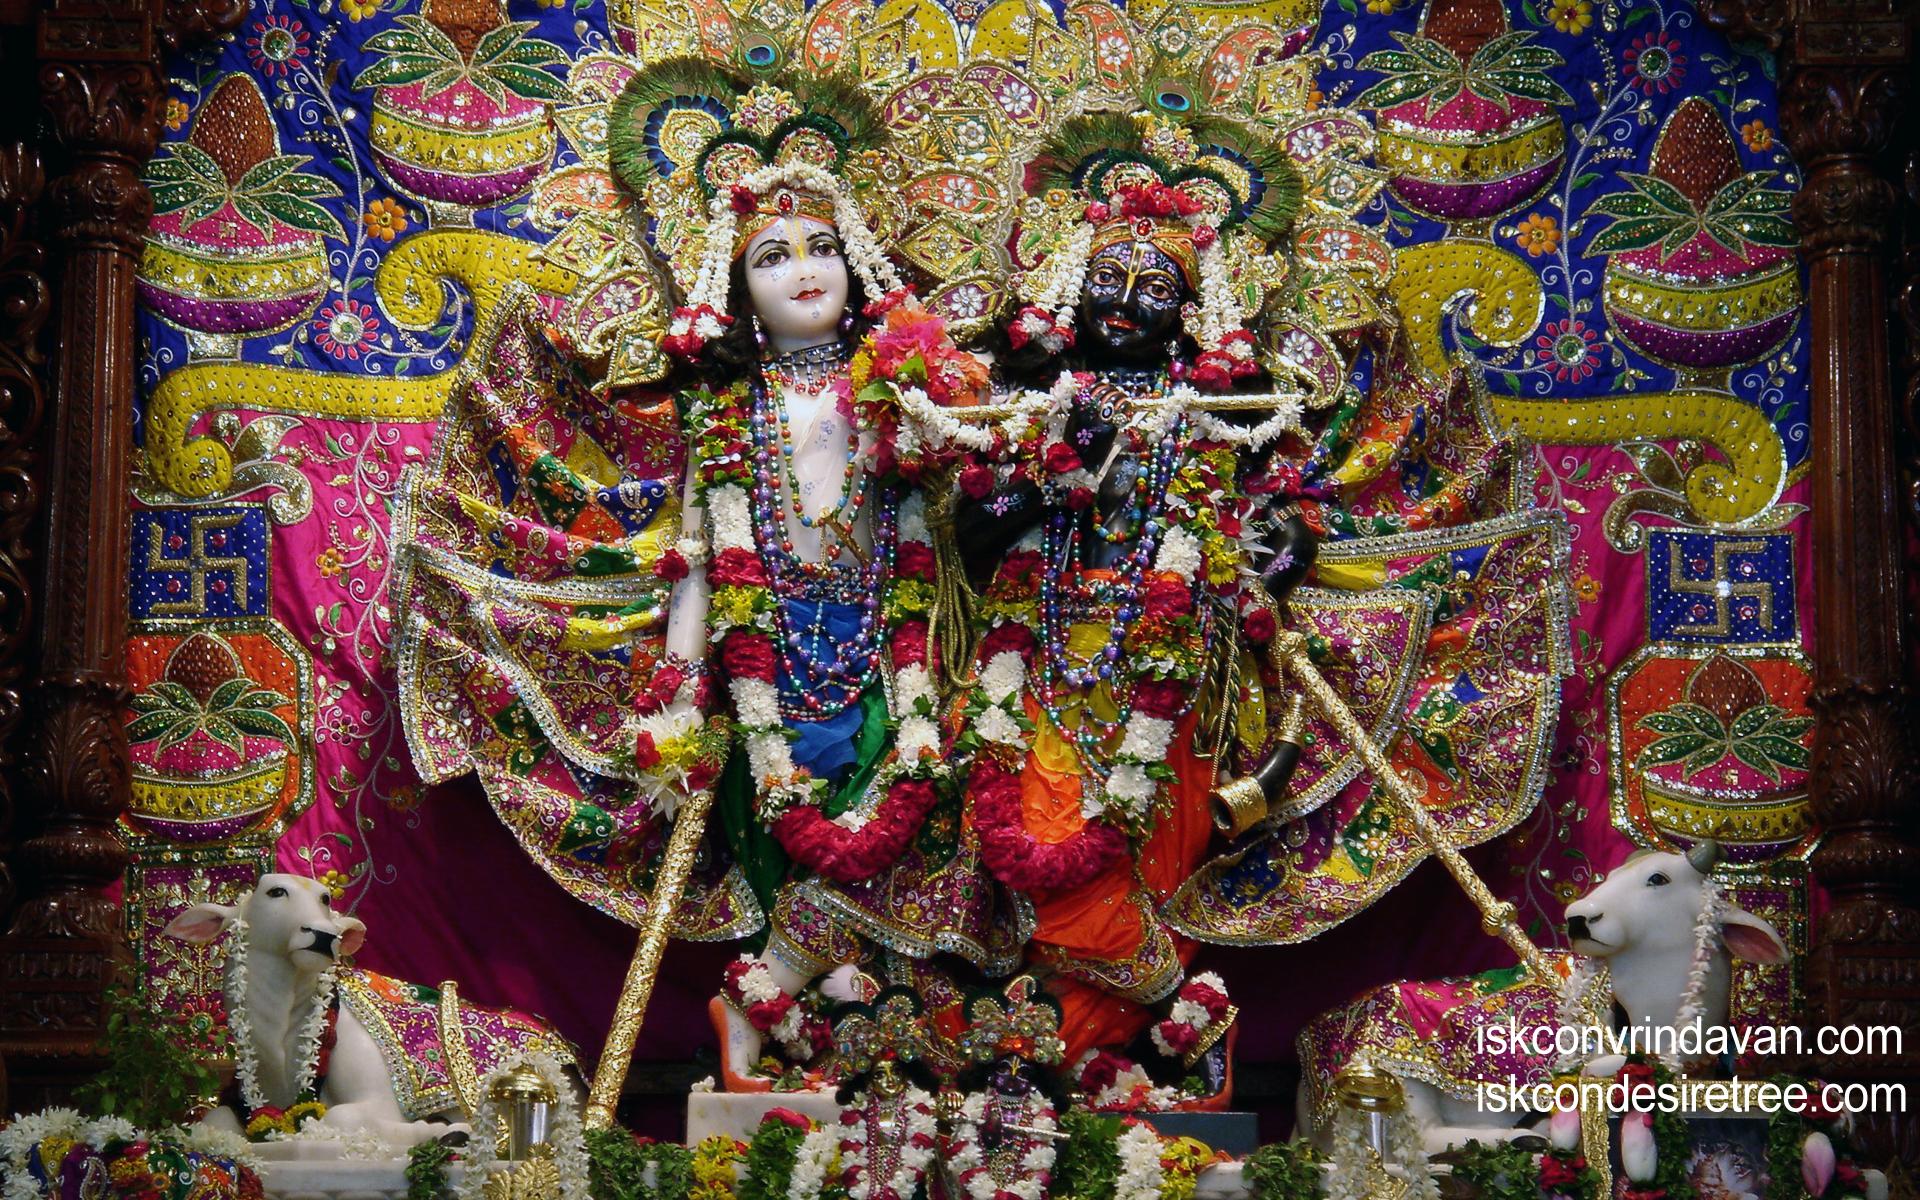 Sri Sri Krishna Balaram Wallpaper (038) Size 1920x1200 Download